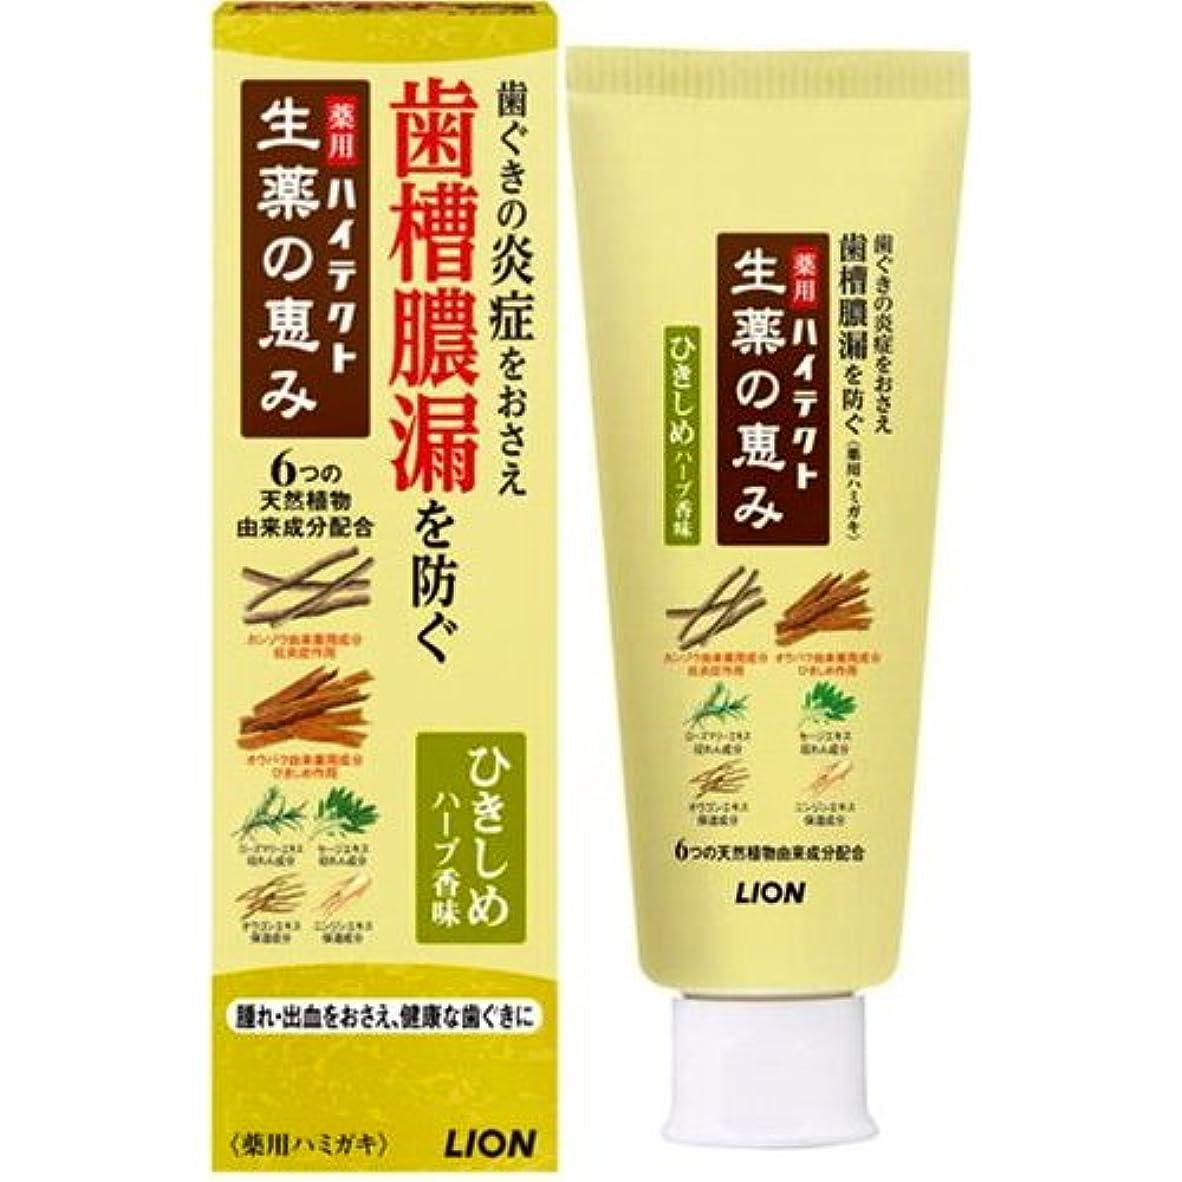 ぬいぐるみ腕タンパク質【ライオン】ハイテクト 生薬の恵み ひきしめハーブ香味 90g ×3個セット